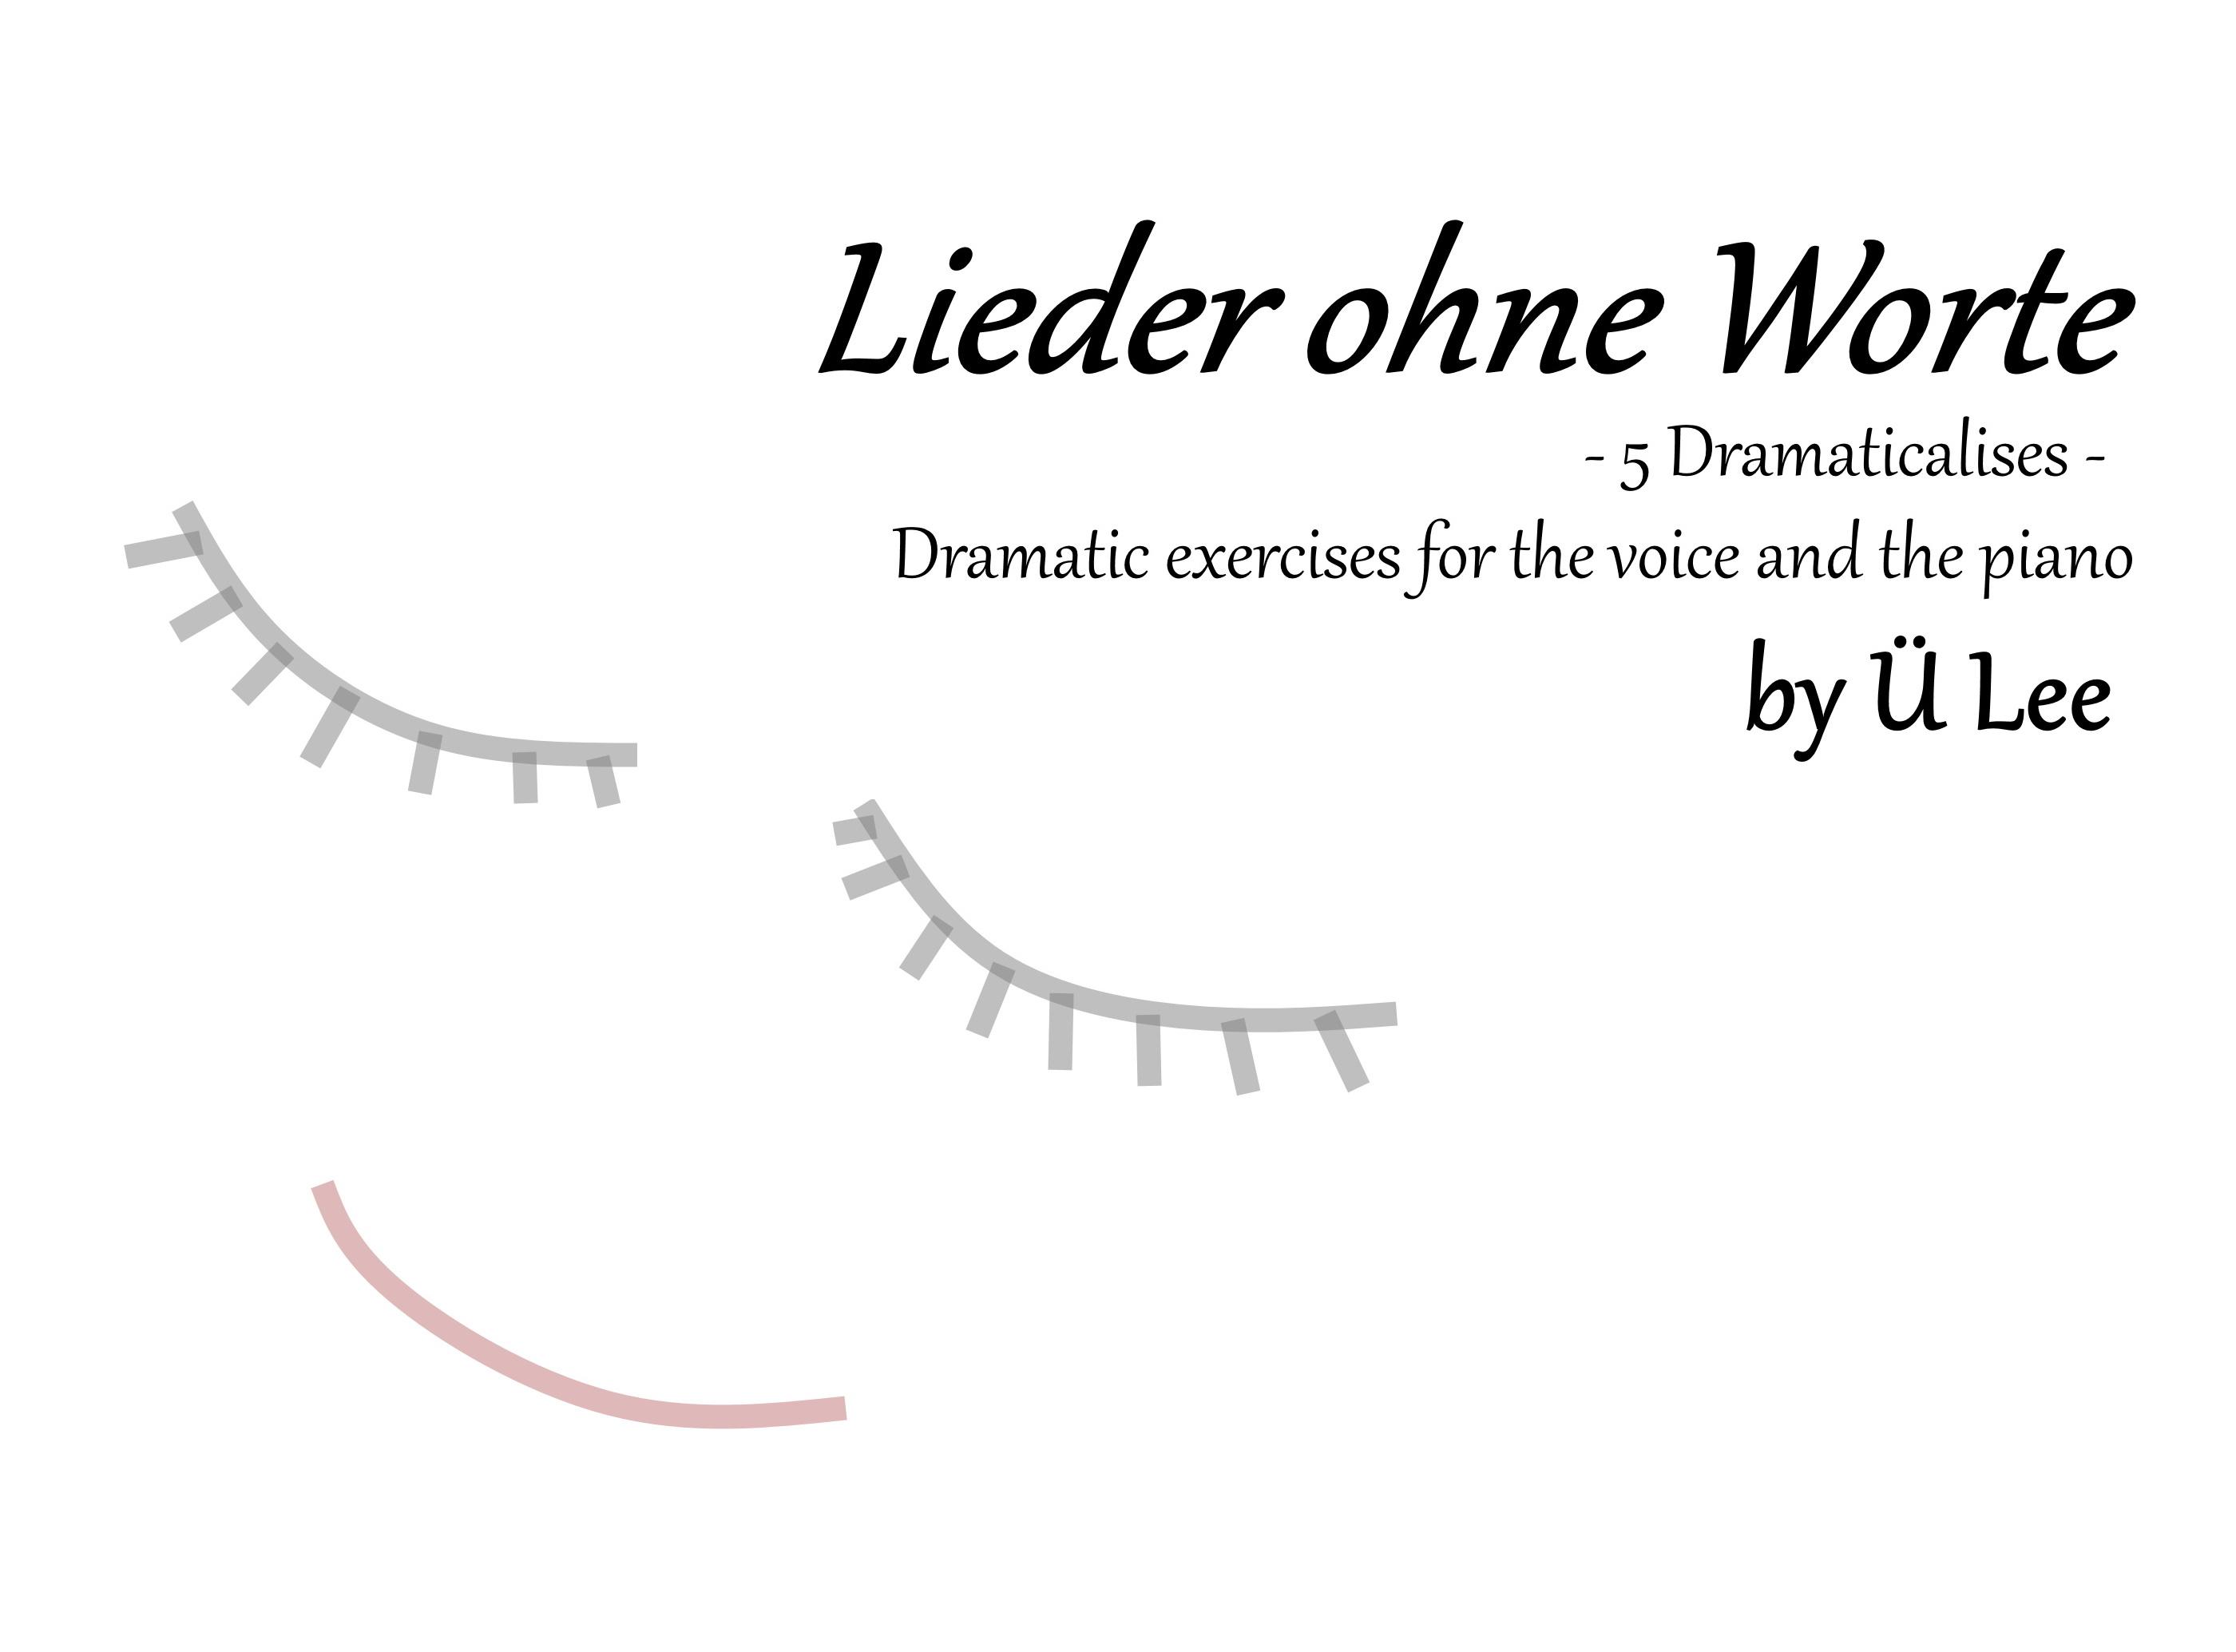 Lieder ohne Worte by Ü Lee